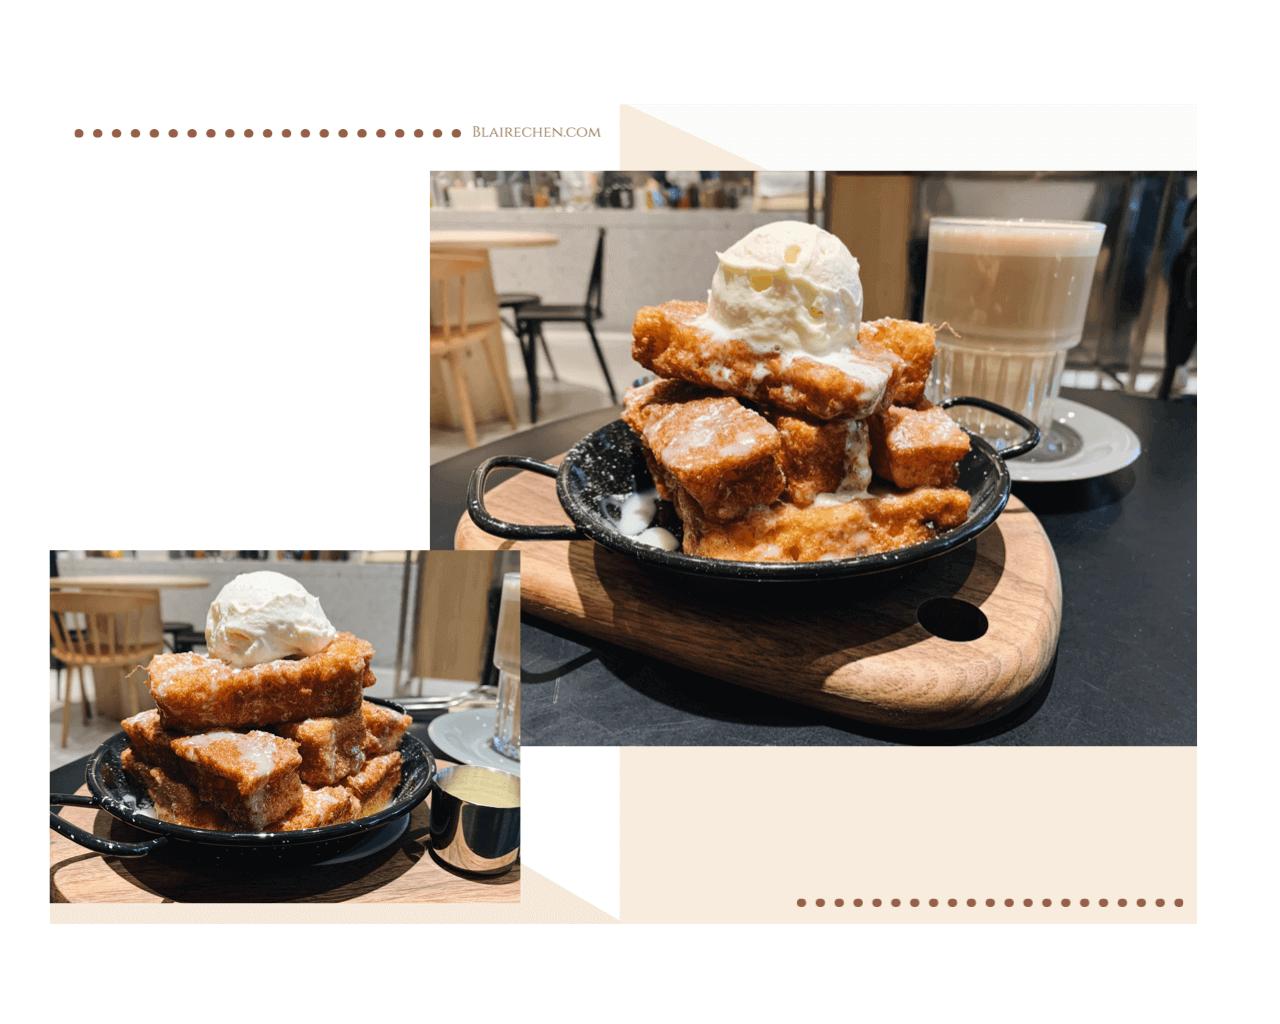 【台中早午餐】|簡約日系文青感,高CP值,台中人氣早午餐-暖心推薦!